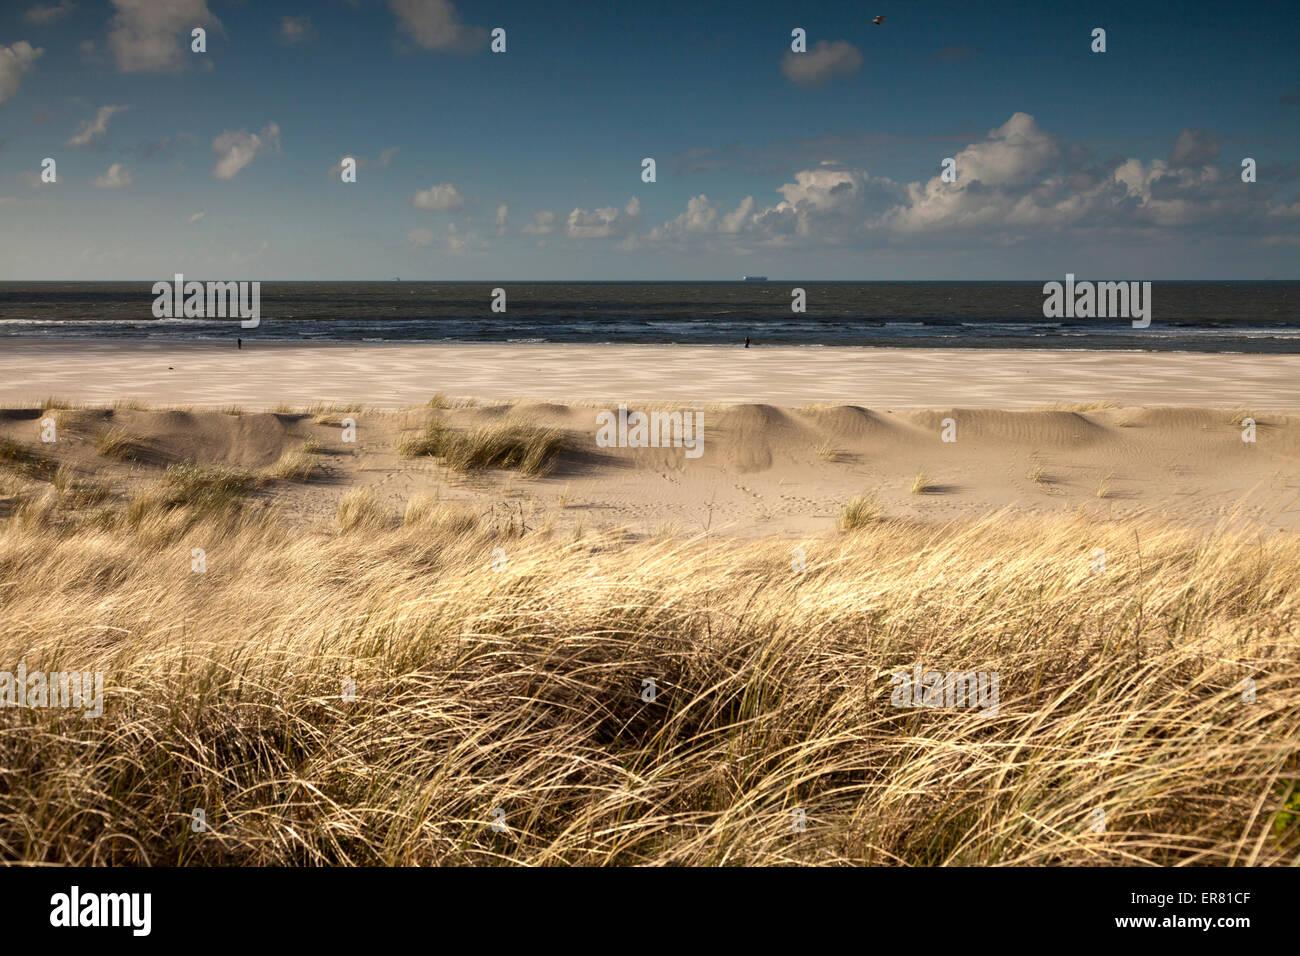 dune landscape on the coast, East Frisian Island Spiekeroog, Lower Saxony, Germany - Stock Image